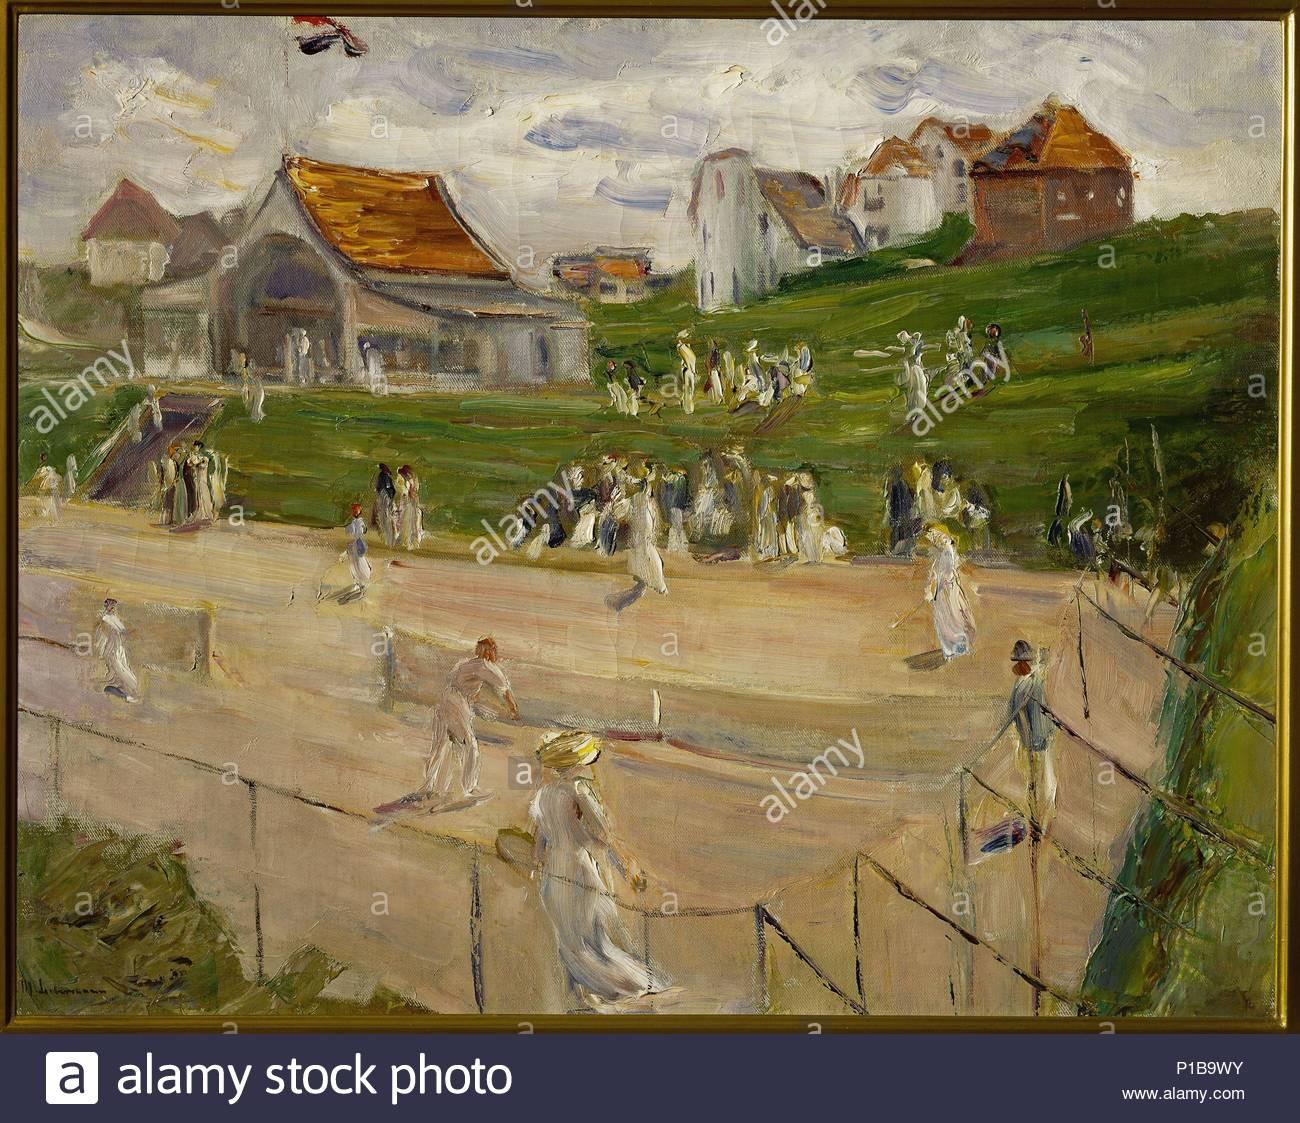 Tenniscourt with players in Noordwijk, Netherlands,1913 Canvas, 71 x 89 cm Inv. M 384. Author: Max Liebermann (1847-1935). Location: Kunstsammlungen der Veste Coburg, Coburg, Germany. - Stock Image